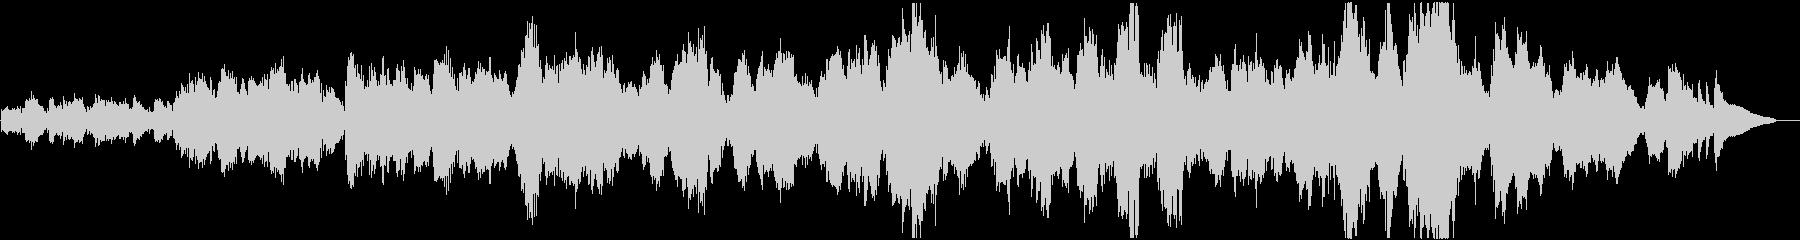 グノー「アヴェ・マリア」フルート・ピアノの未再生の波形